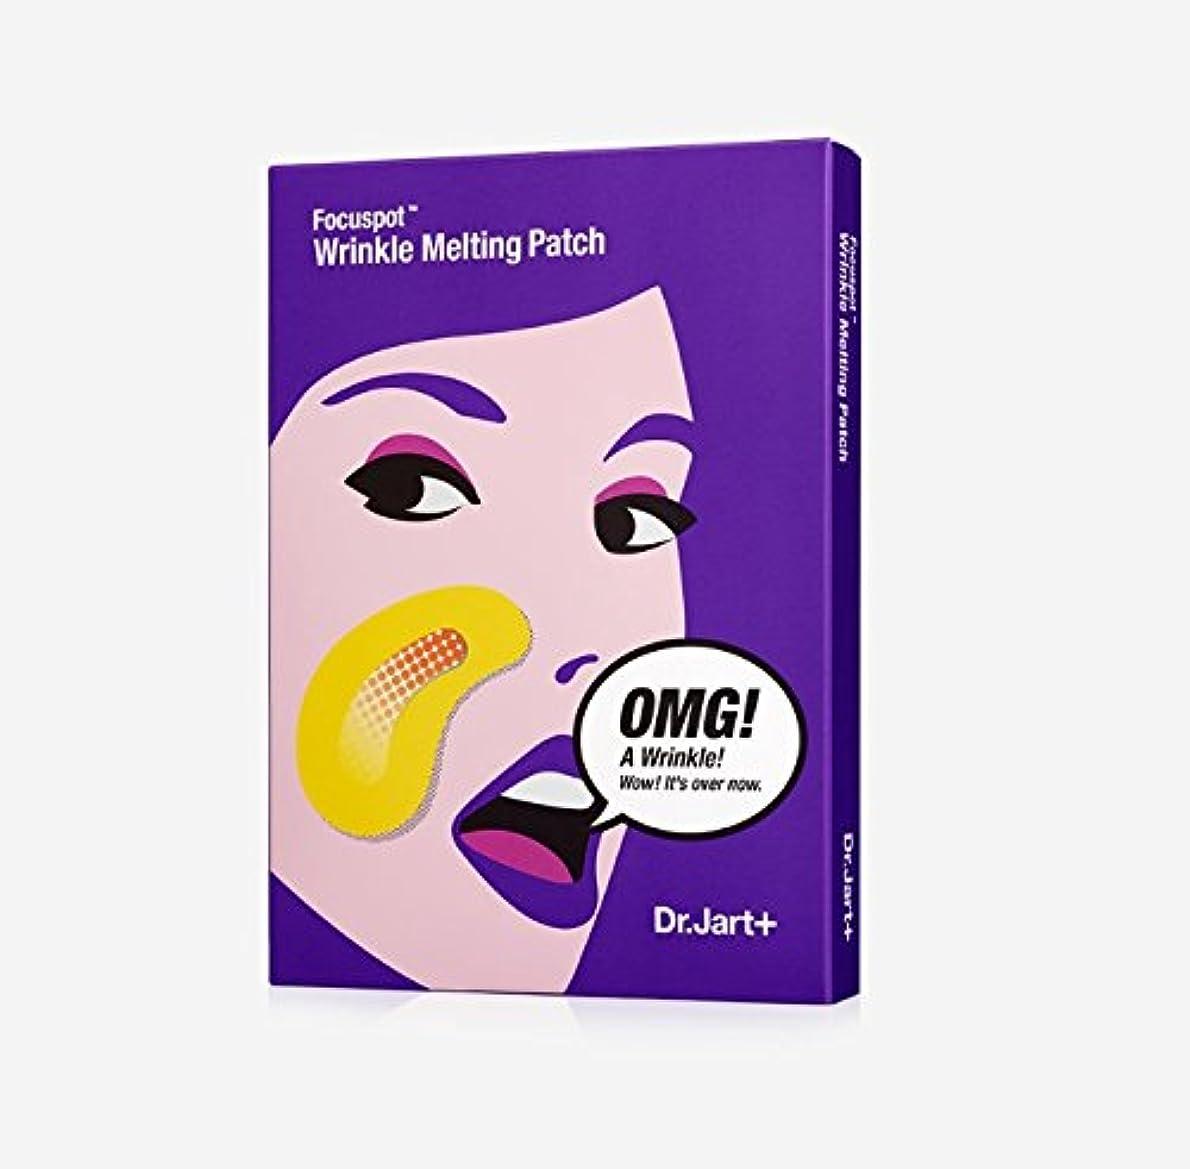 長いです男らしさモネ[Dr.Jart+] ドクタージャルトゥ ポーカースポット リンクル メルティング パッチ 5回分/Focuspot Wrinkle Melting Patch [並行輸入品]